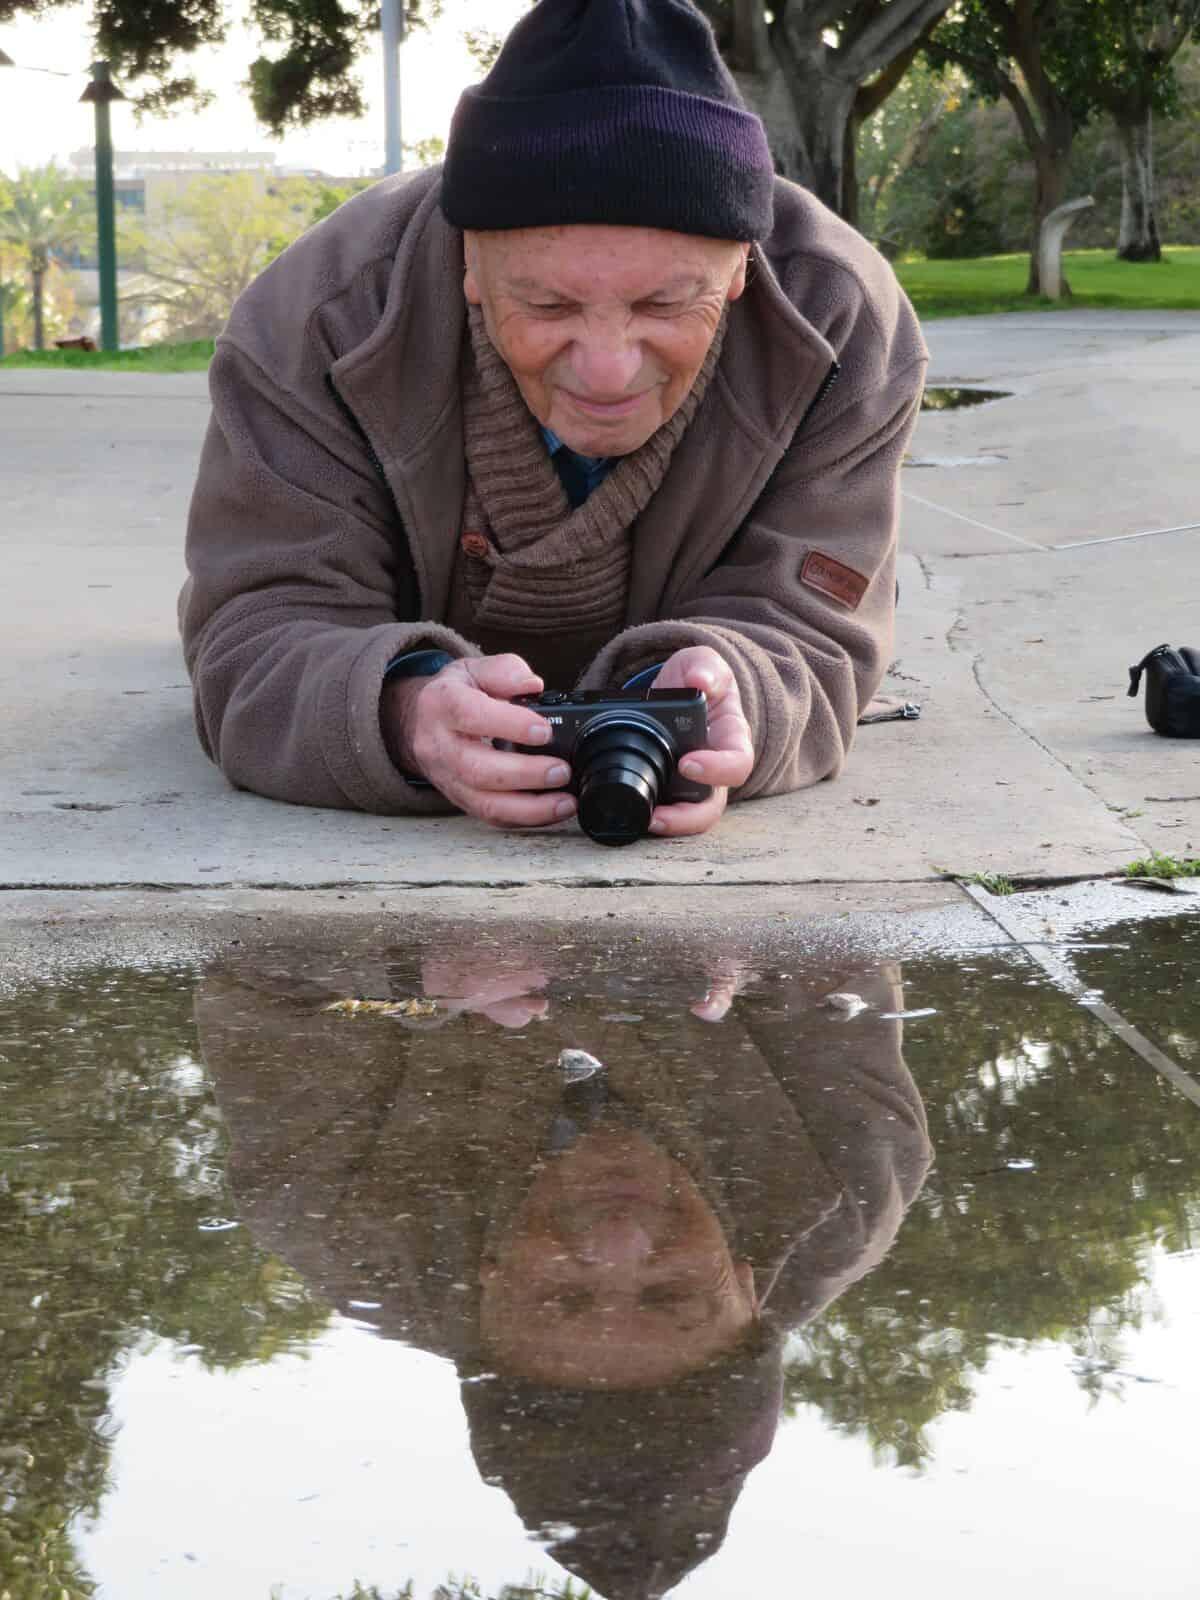 שורדי שואה משתתפים בתערוכת צילום